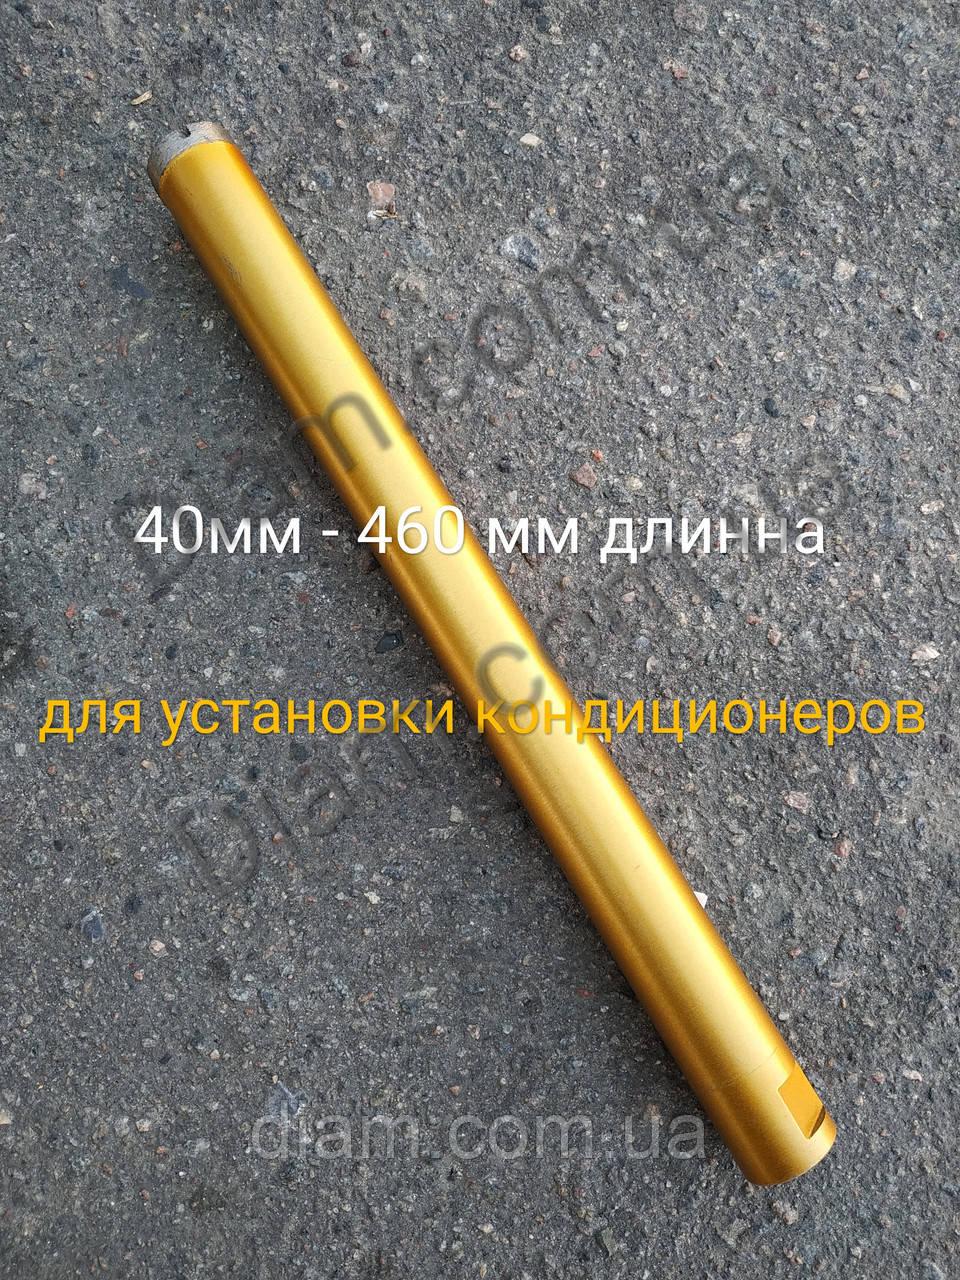 Купить сверло 40 мм по бетону цементный раствор для штукатурки внутренних стен пропорции